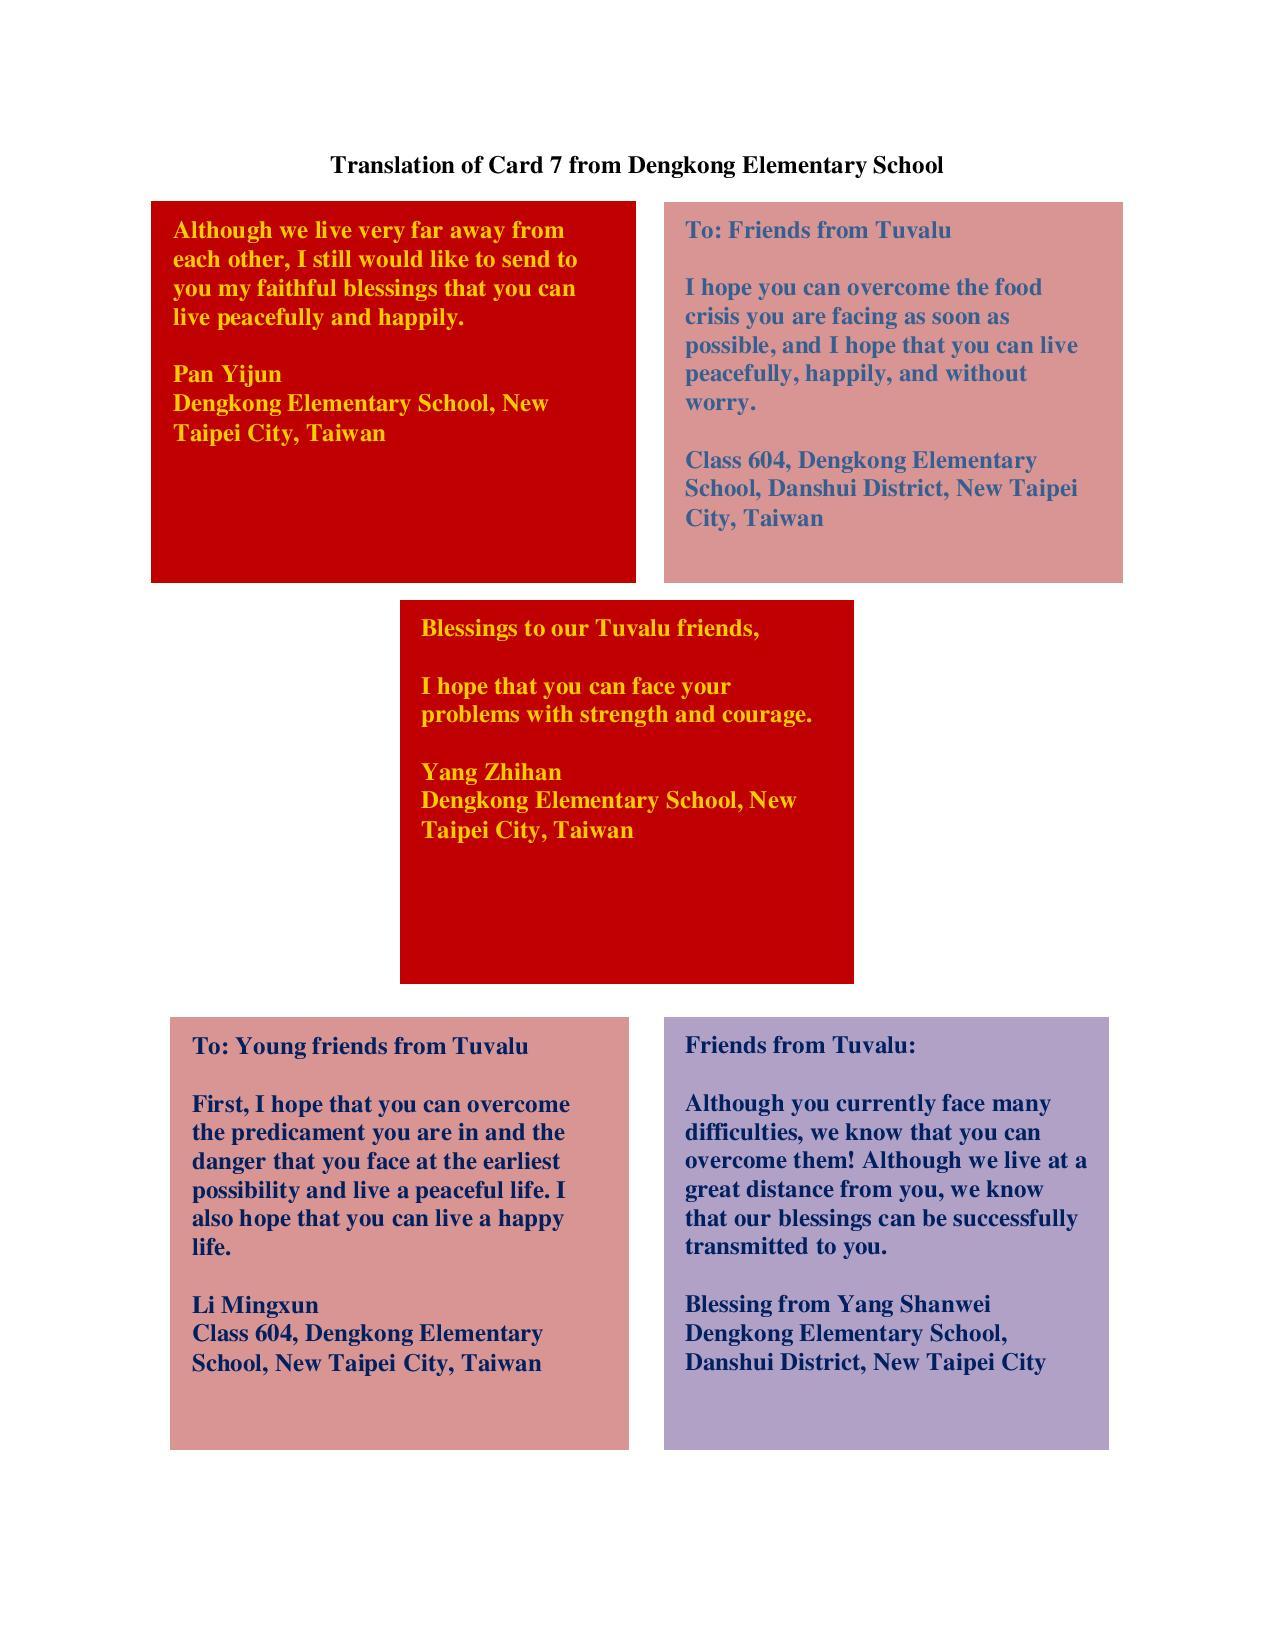 鄧公翻譯2015 0601st Translations of Cards from Dengkong Elementary School-page-004.jpg